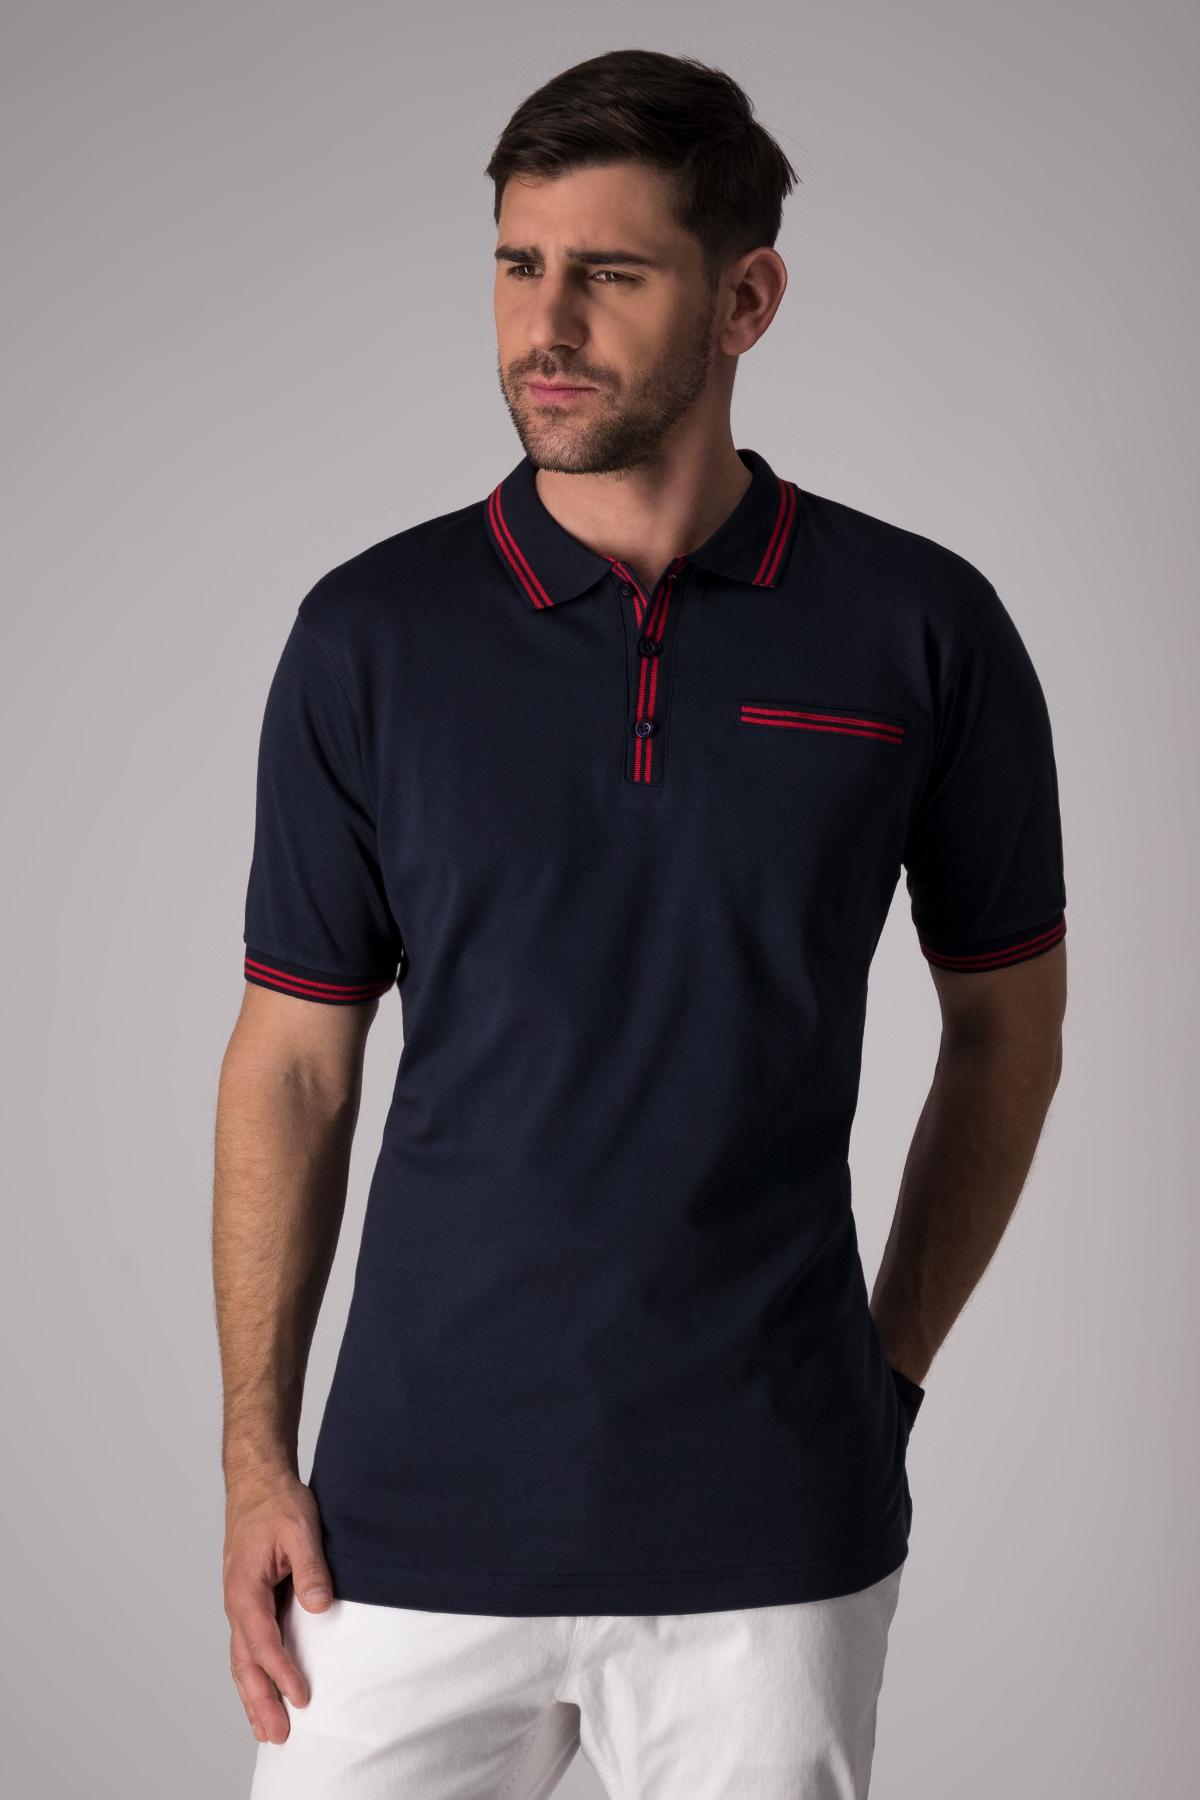 Polo Robert´s jersey color azul marino, con vivos en contraste.